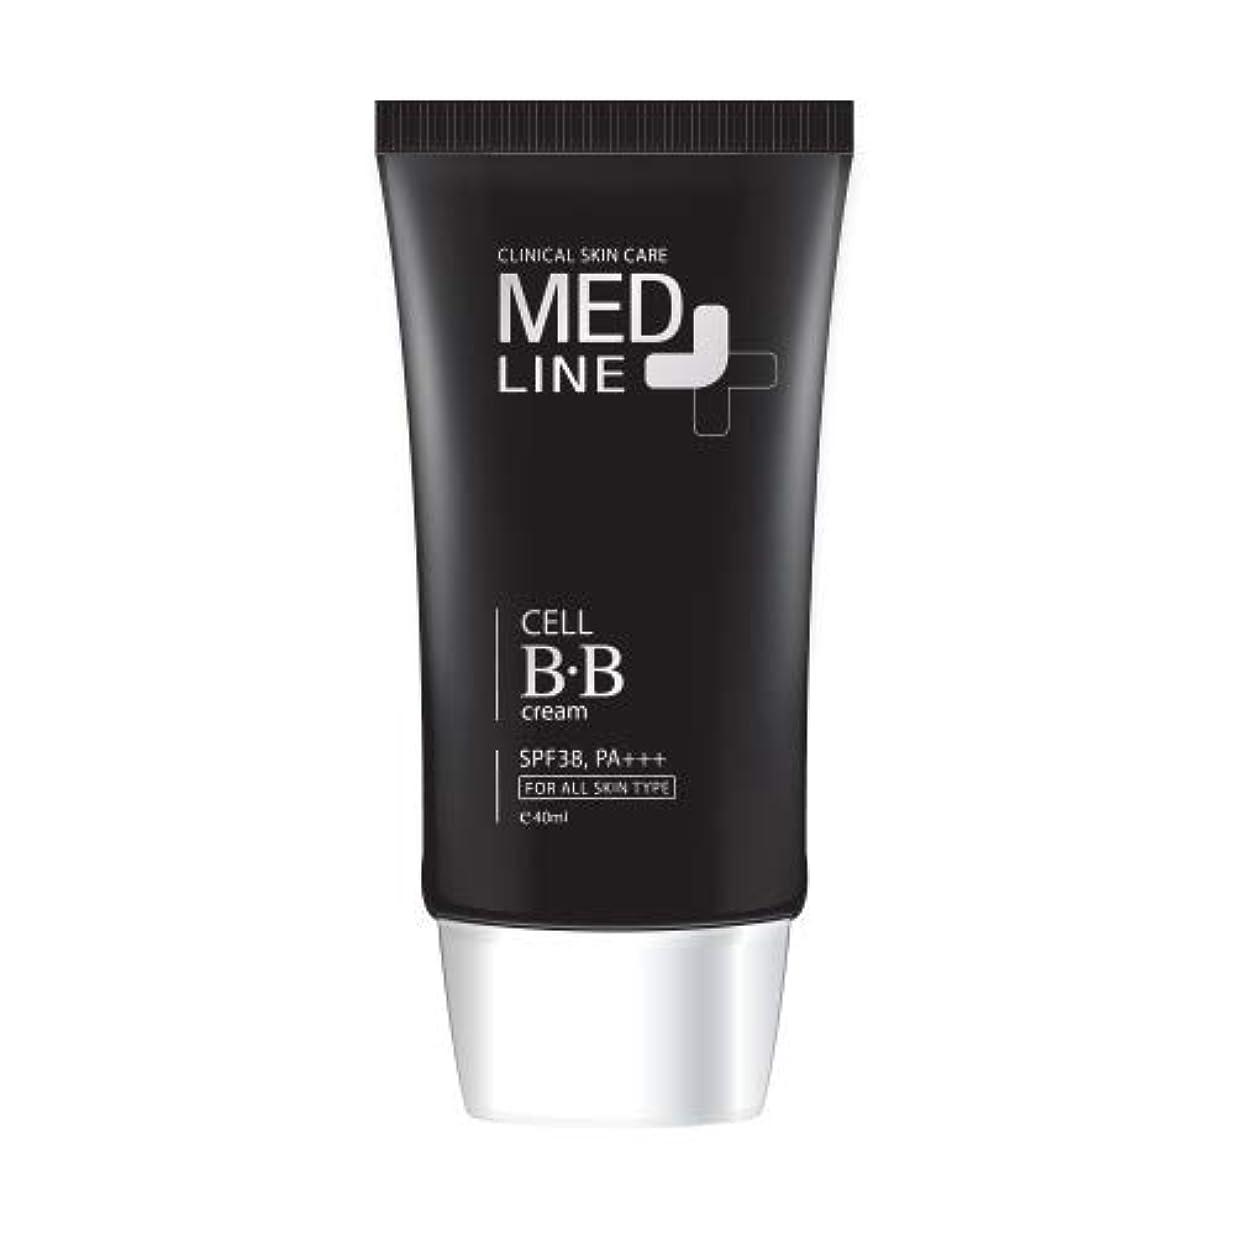 ためにパパチャネルメドライン(Med Line) セルBBクリーム(Cell B.B Cream)